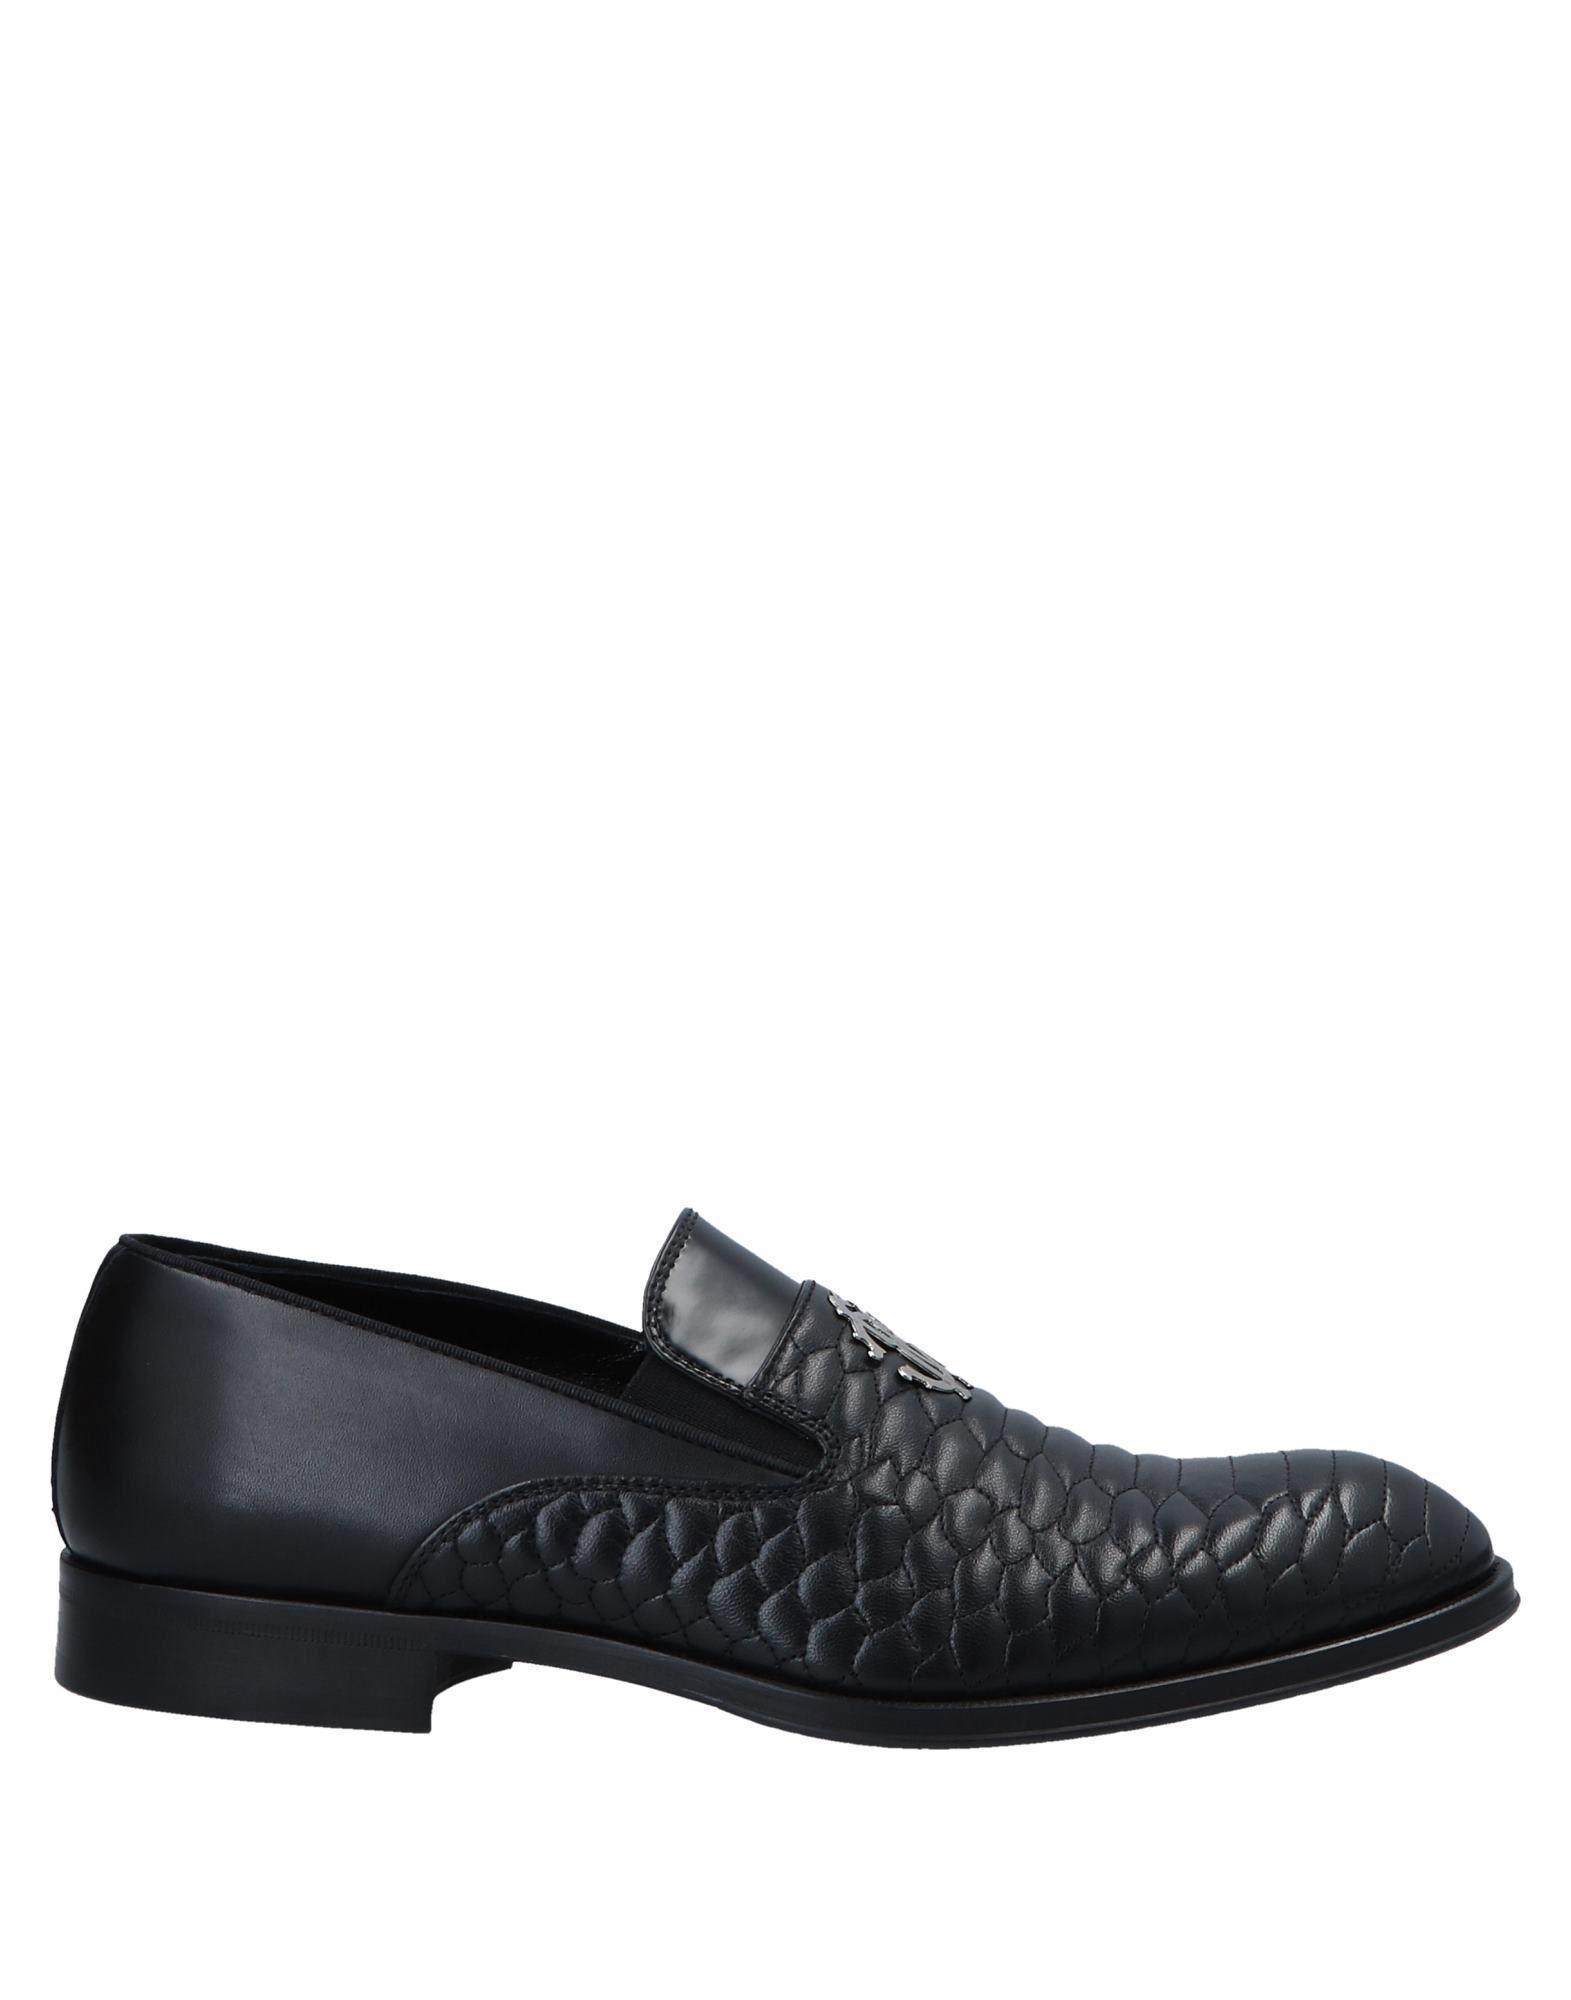 Roberto Cavalli Mokassins Herren  11551391NF Gute Qualität beliebte Schuhe